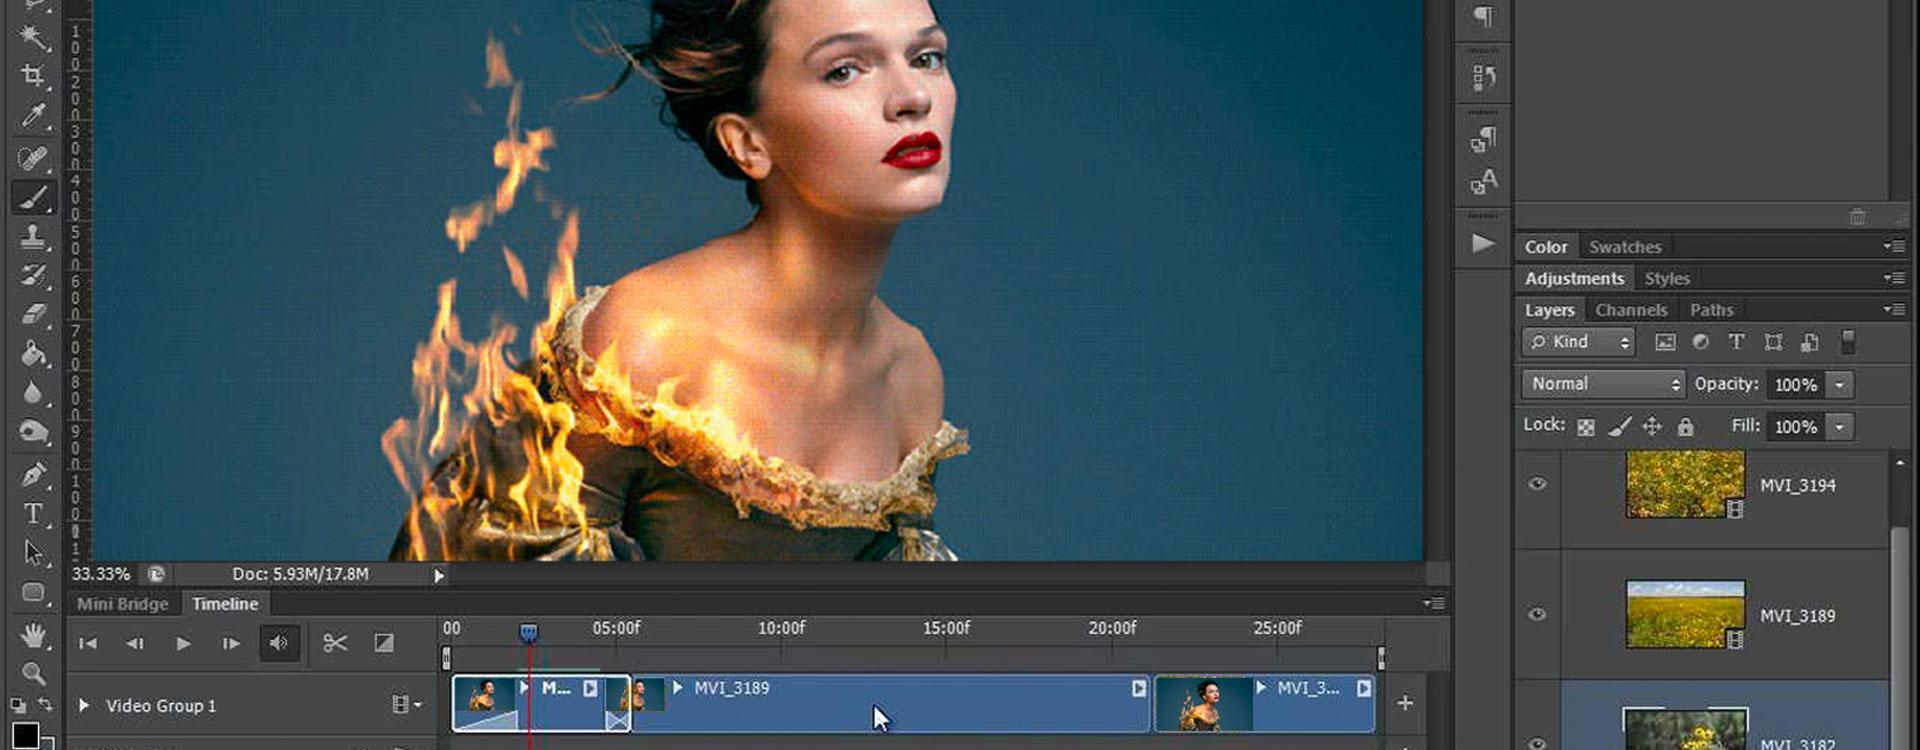 Cinemagraphs maken met Photoshop